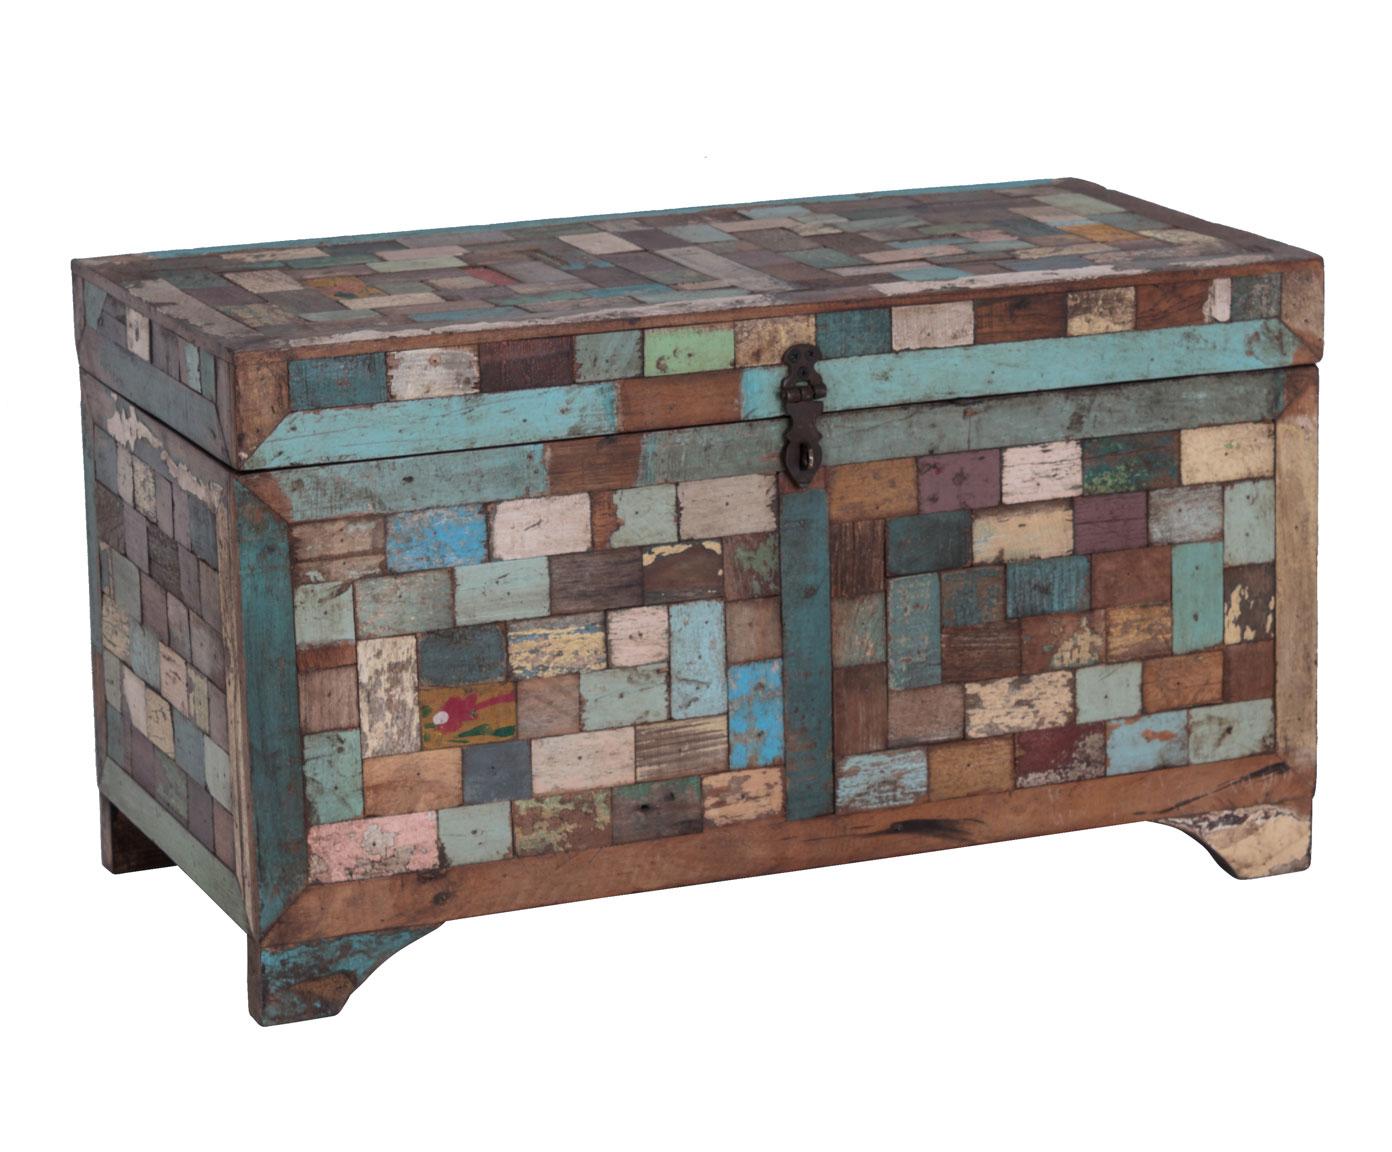 Vistoso Muebles De Arcón Bosquejo - Muebles Para Ideas de Diseño de ...